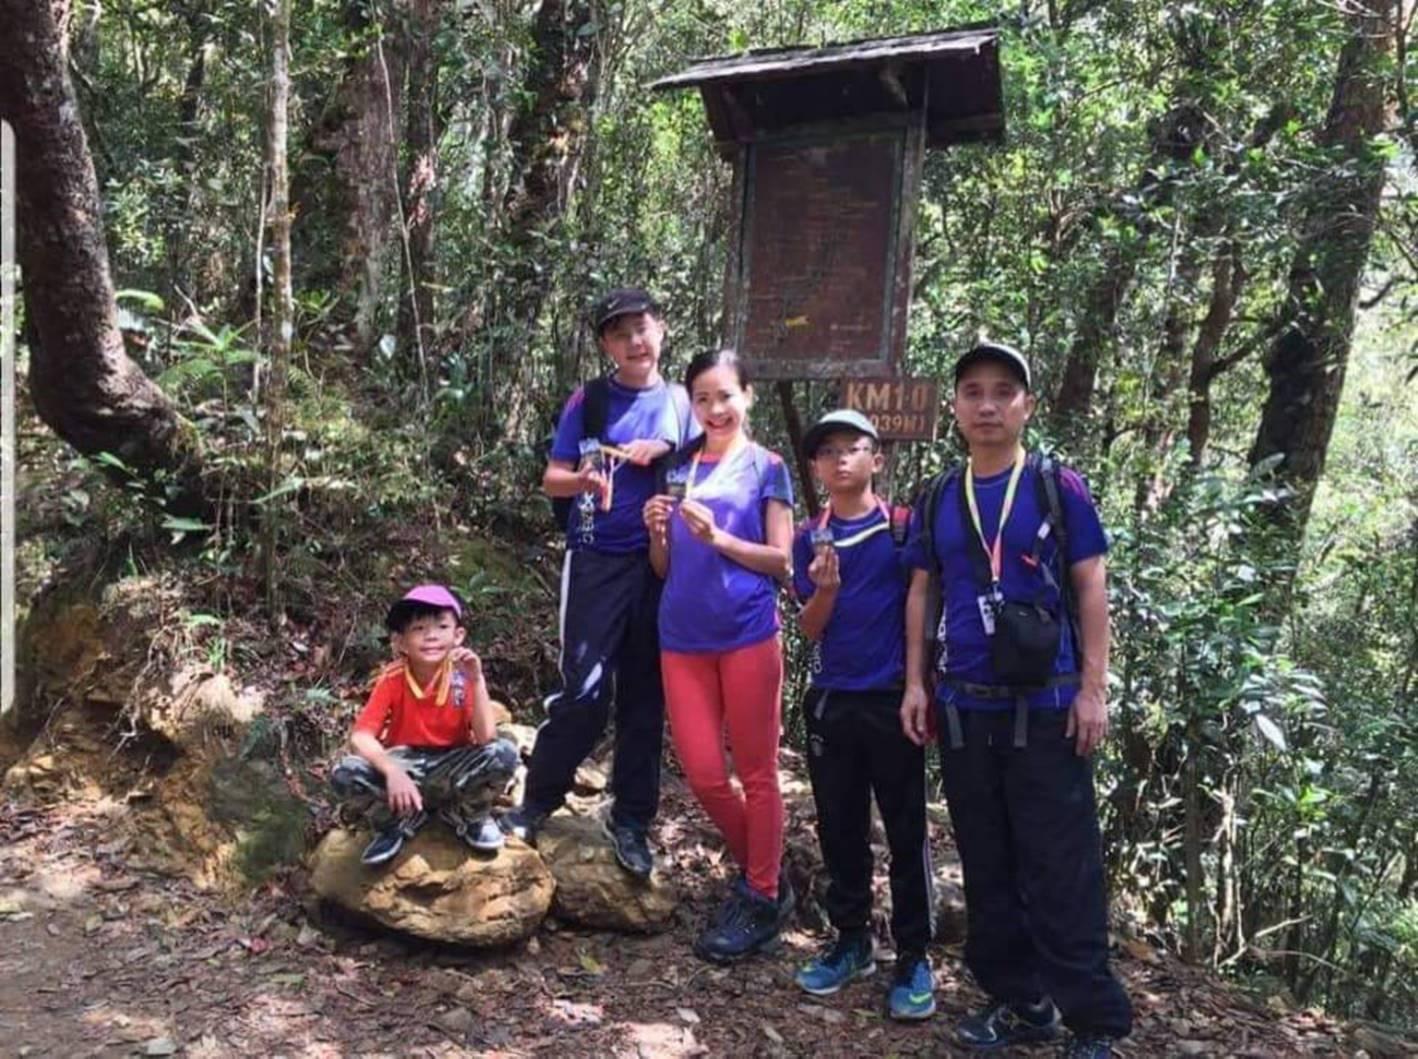 Bà mẹ Hà Nội dạy con theo kiểu nhà binh: Sáng điểm tâm nhẹ bằng 10km chạy bộ, trời rét vẫn tắm nước lạnh-5